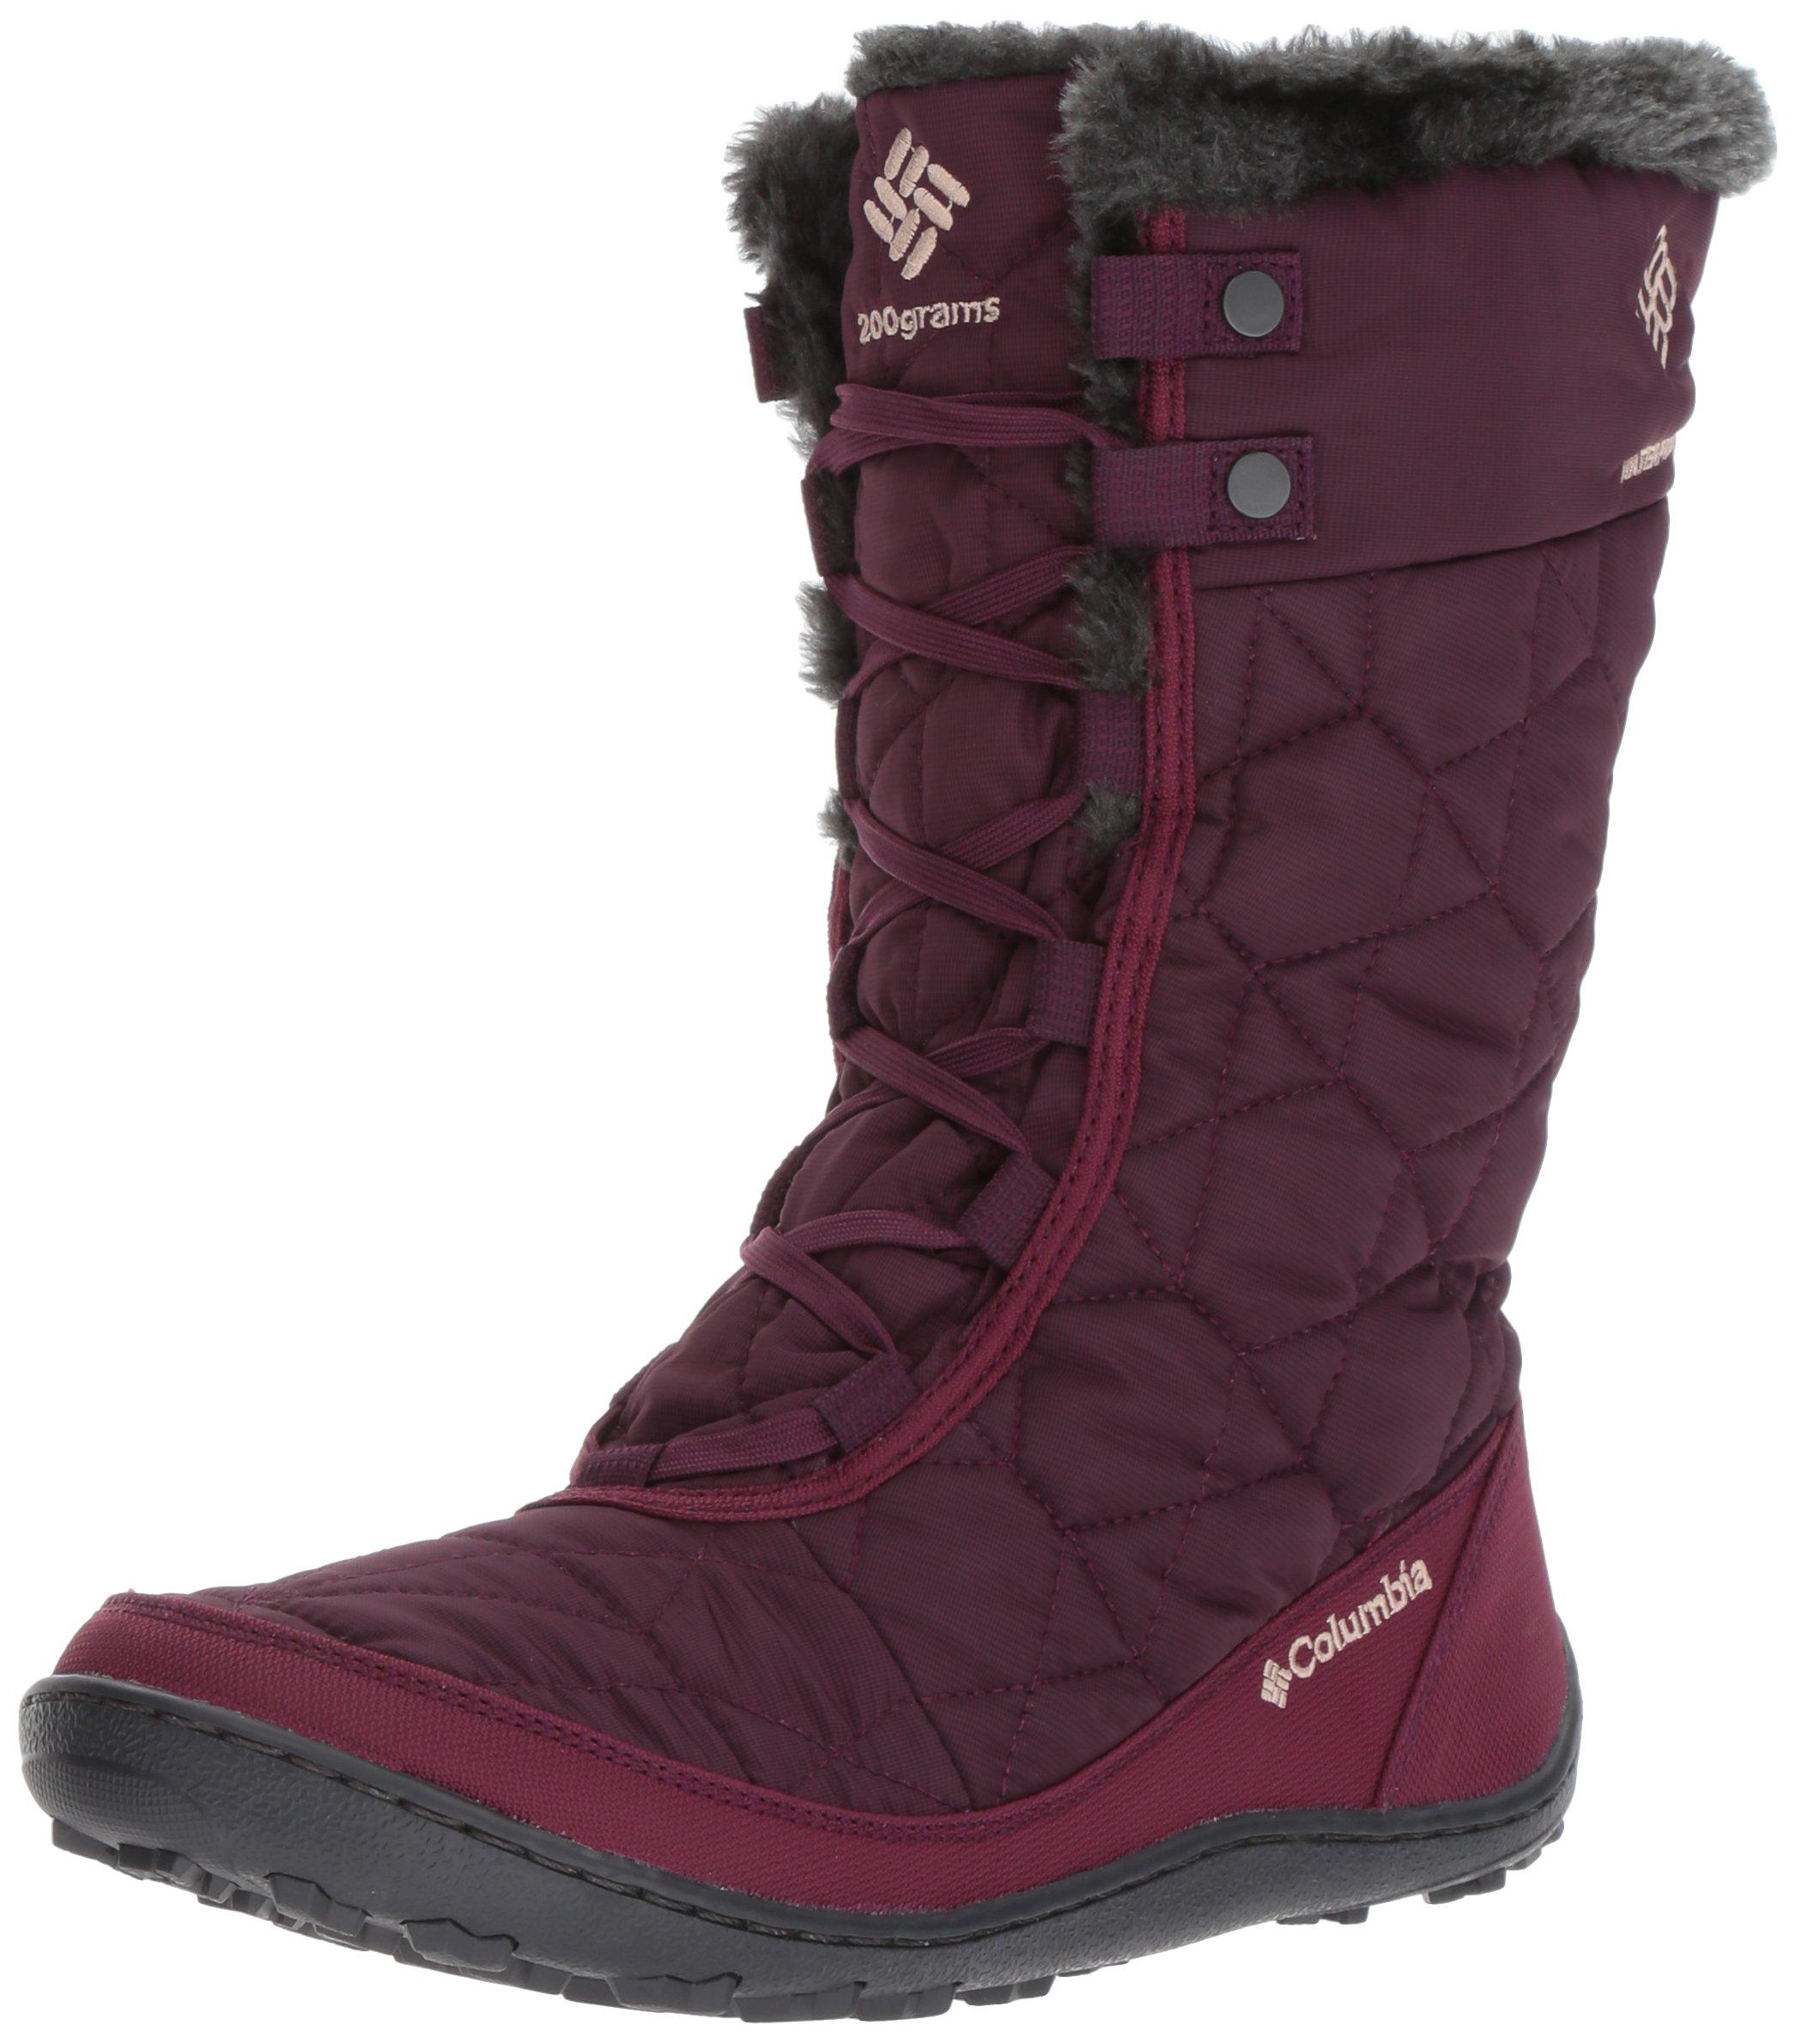 Columbia Women's Minx Mid II Omni-Heat Snow Boot, Purple Dahlia, Ancient Fossil, 9.5 B US